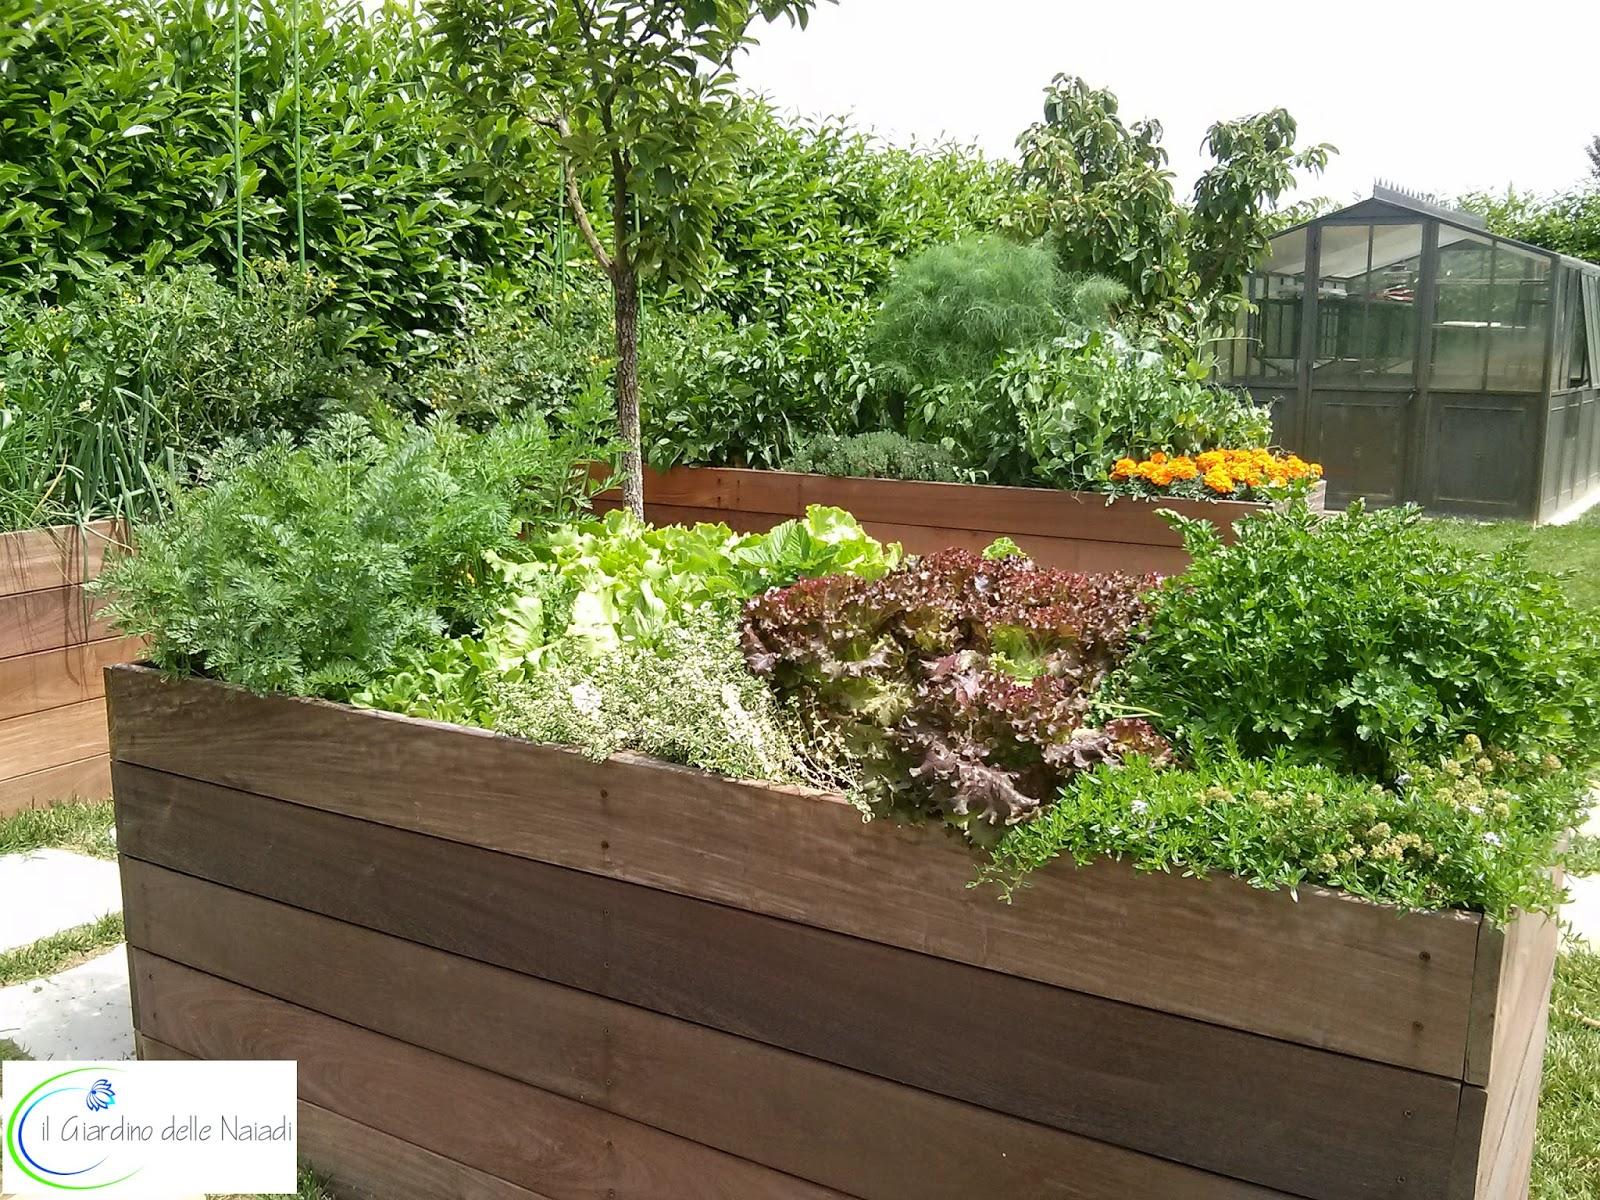 Il giardino delle naiadi un orto rialzato benessere a for Bordi per aiuole fai da te